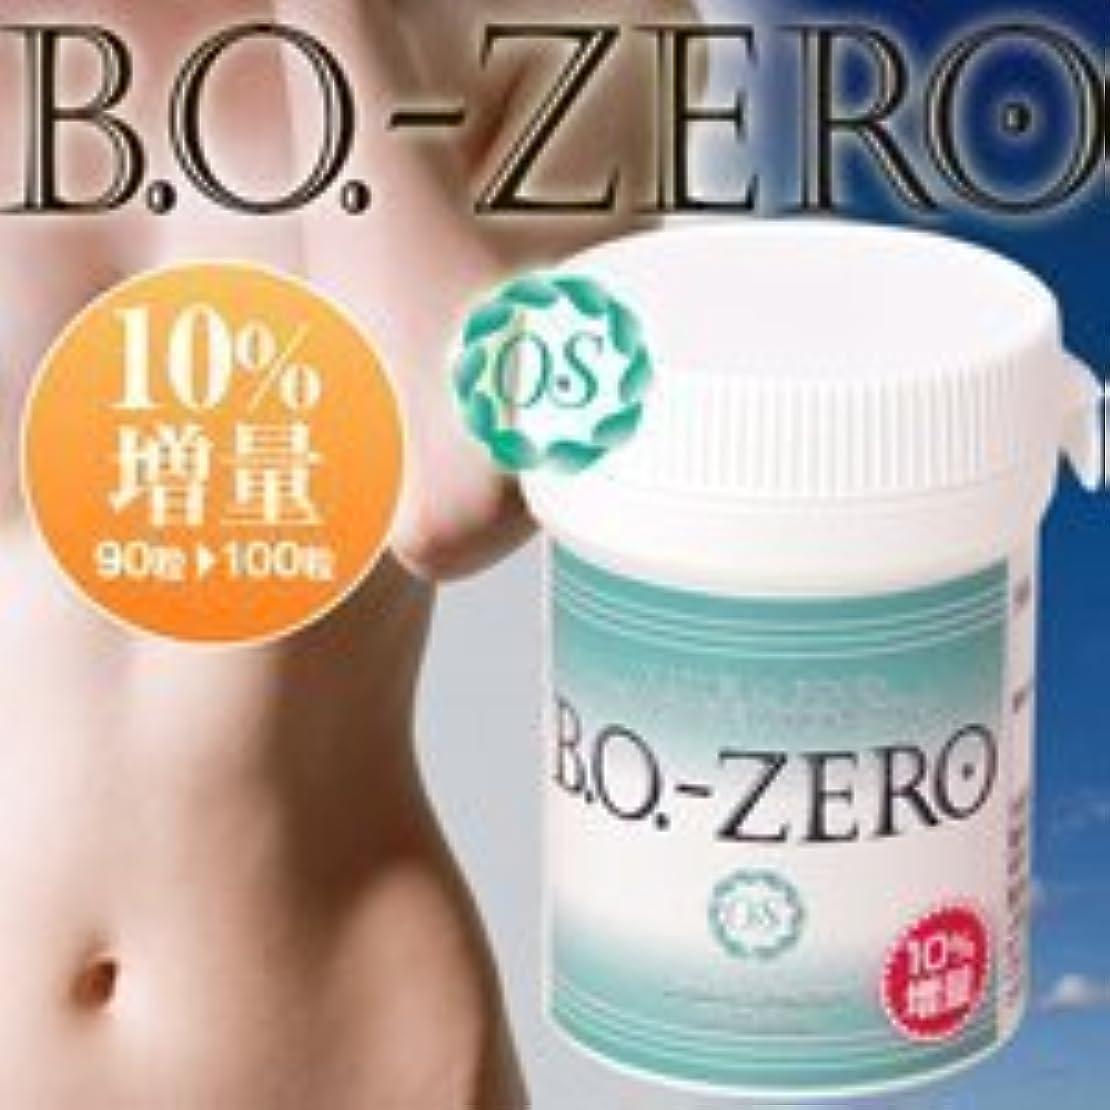 アフリカ二週間単にBO ZERO (ビーオー ゼロ) 10%増量×2個セット?  体臭 口臭 汗臭 ワキガ などの対策に